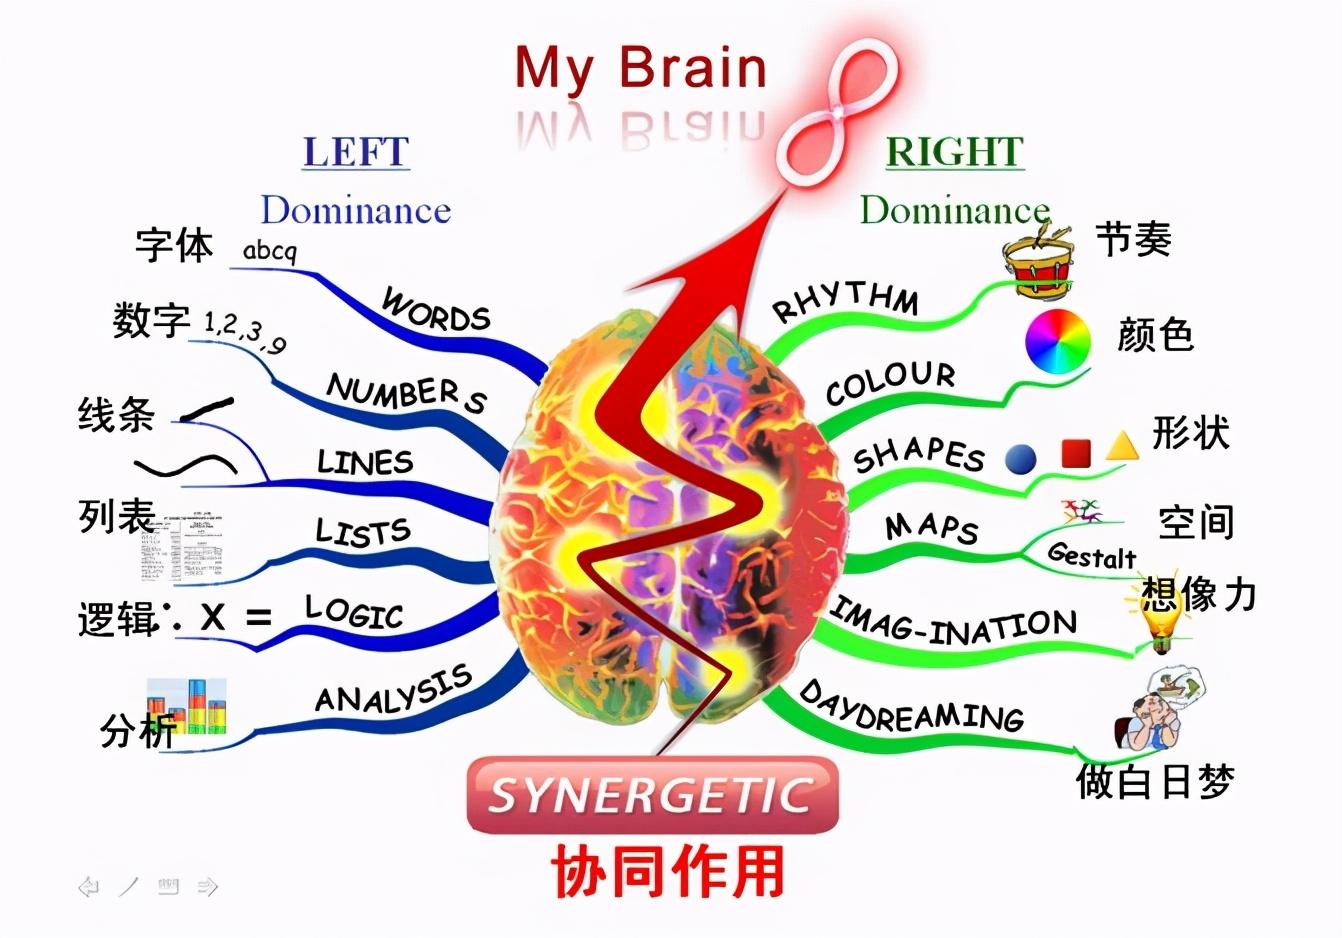 八个科学方法,改善你的记忆和认知能力,让你变得越来越聪明 让你变得越聪明 第5张